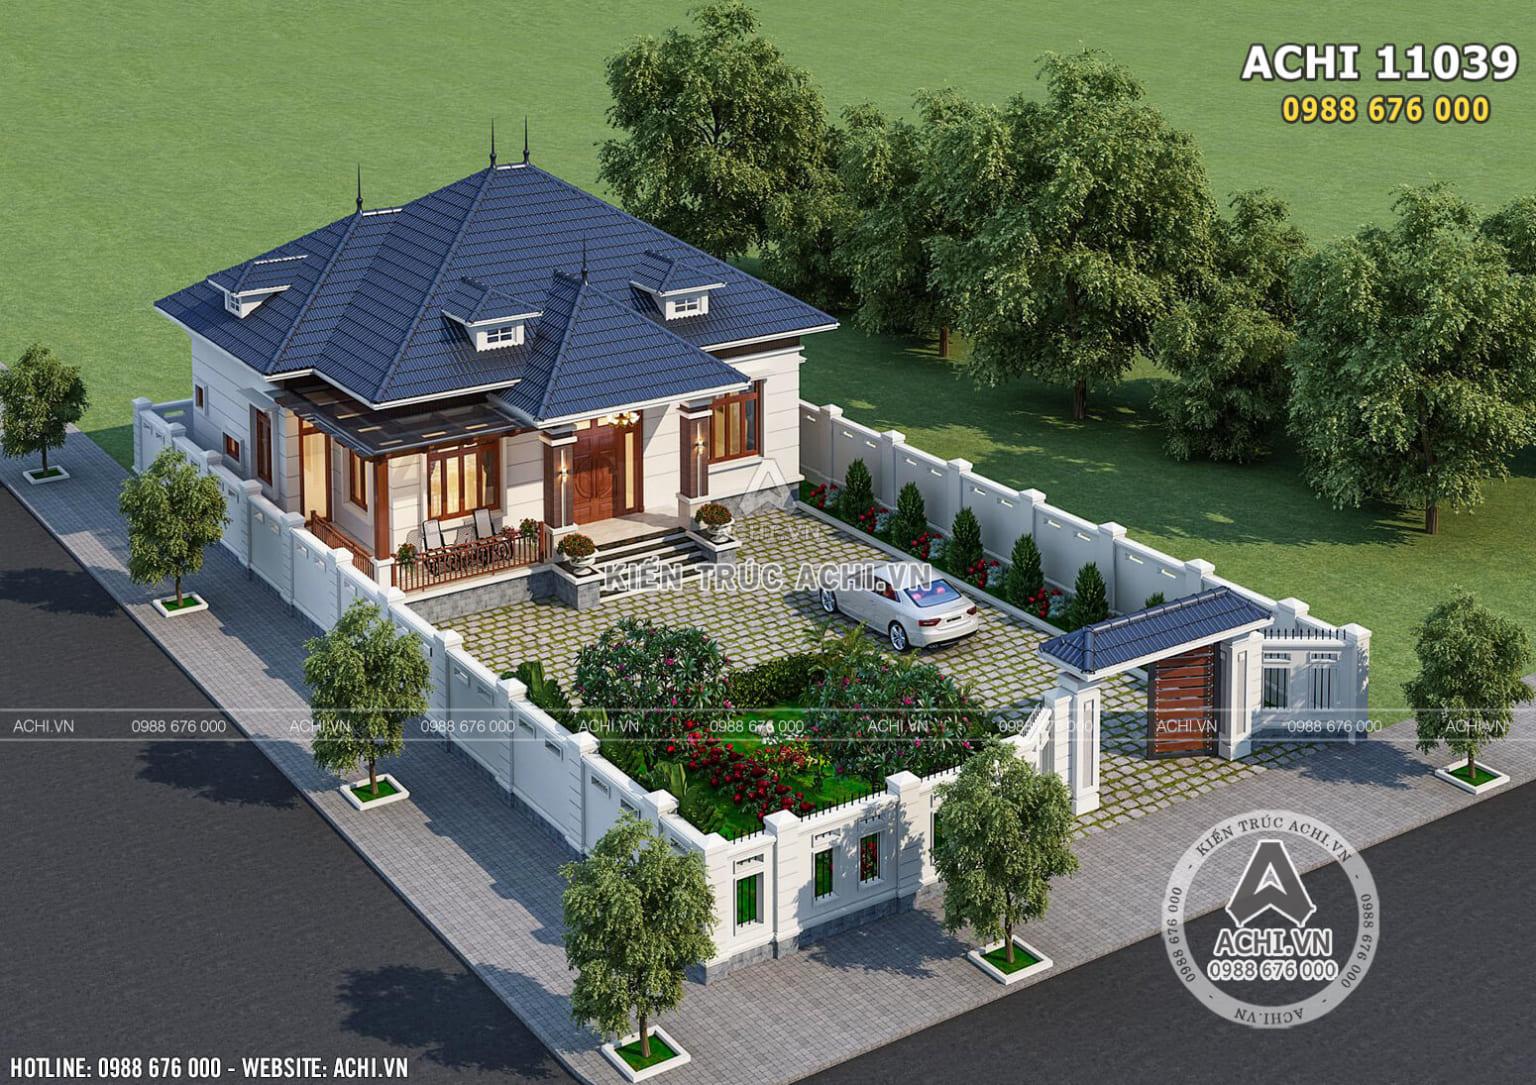 Hình ảnh: Toàn cảnh ngoại thất mẫu biệt thự 1 tầng mái Thái– ACHI 11039